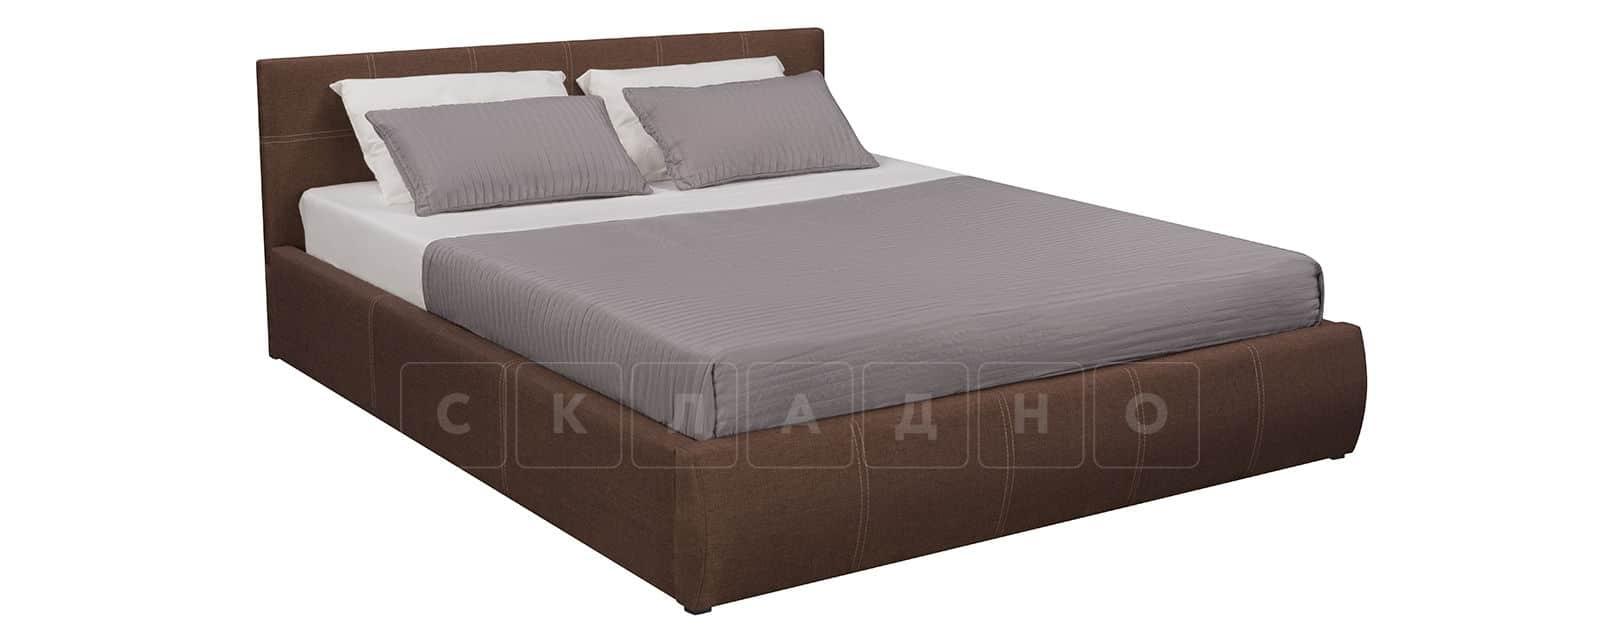 Мягкая кровать Афина 160см рогожка коричневого цвета фото 2 | интернет-магазин Складно